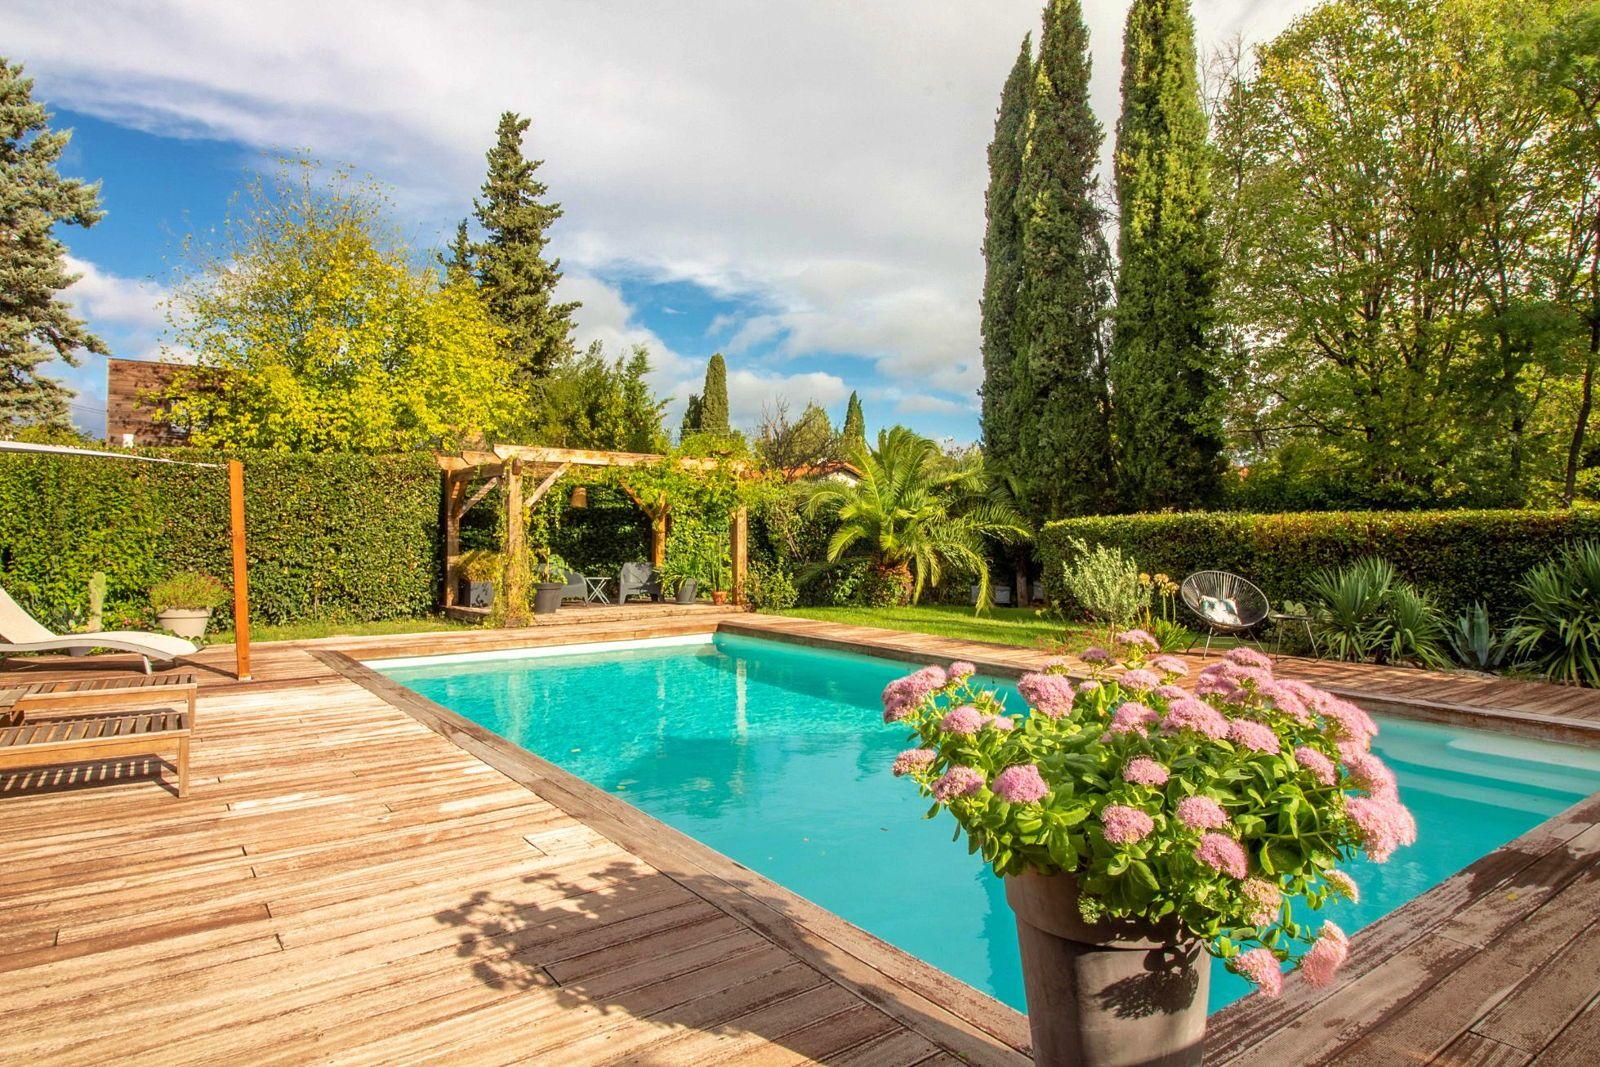 Vends maison 185m² à Montpellier (34) - 4chambres